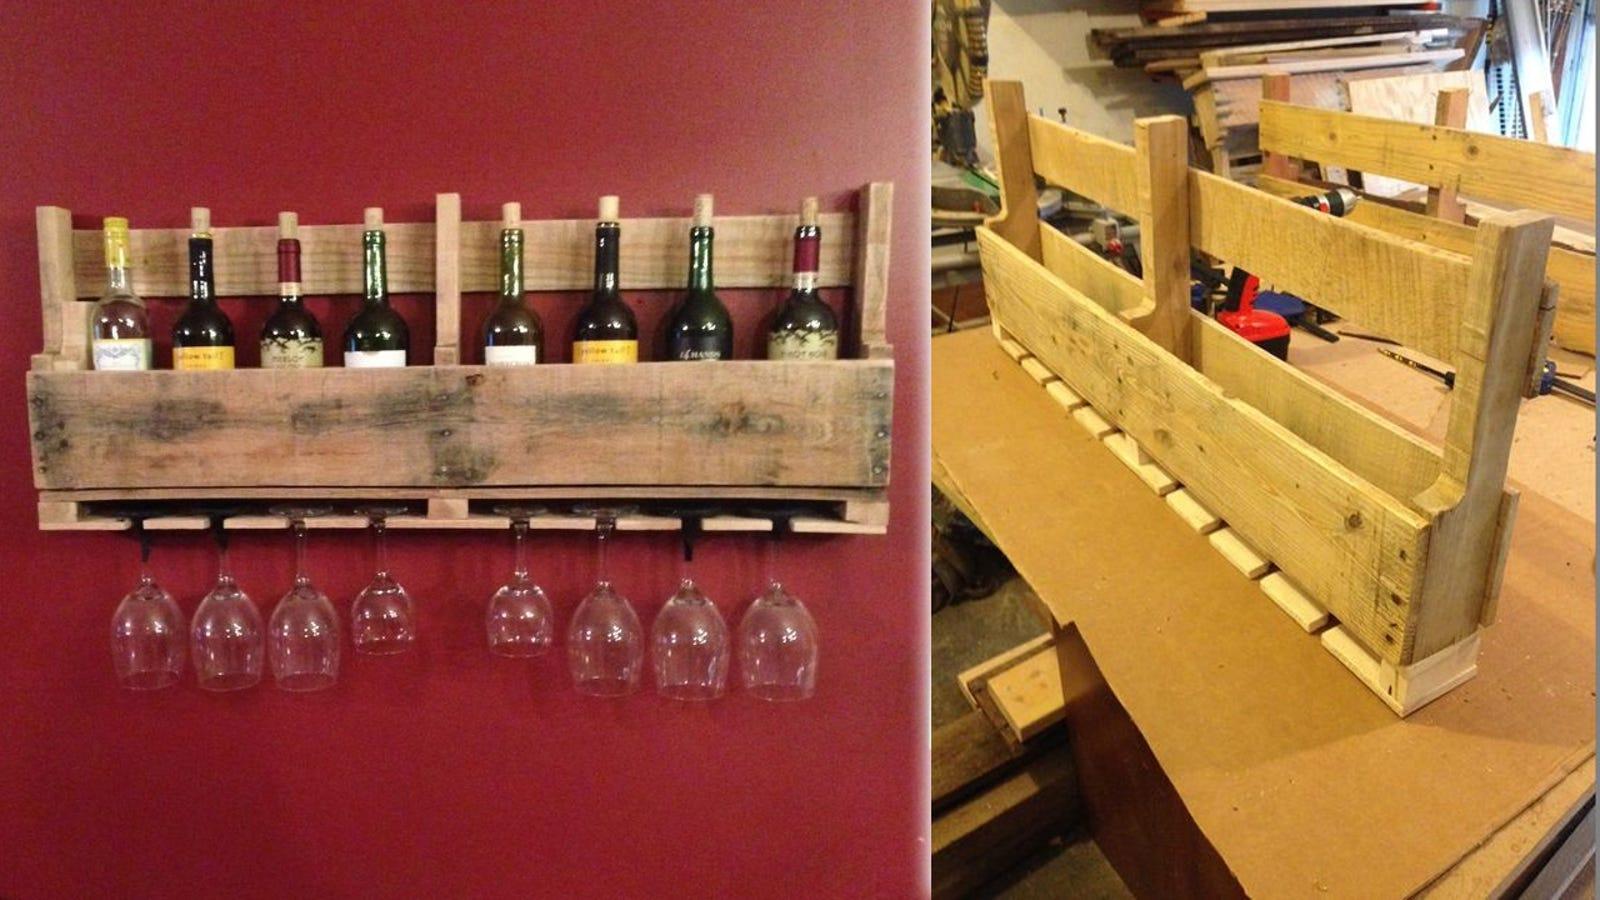 Bakers Rack Pantry Storage Ideas